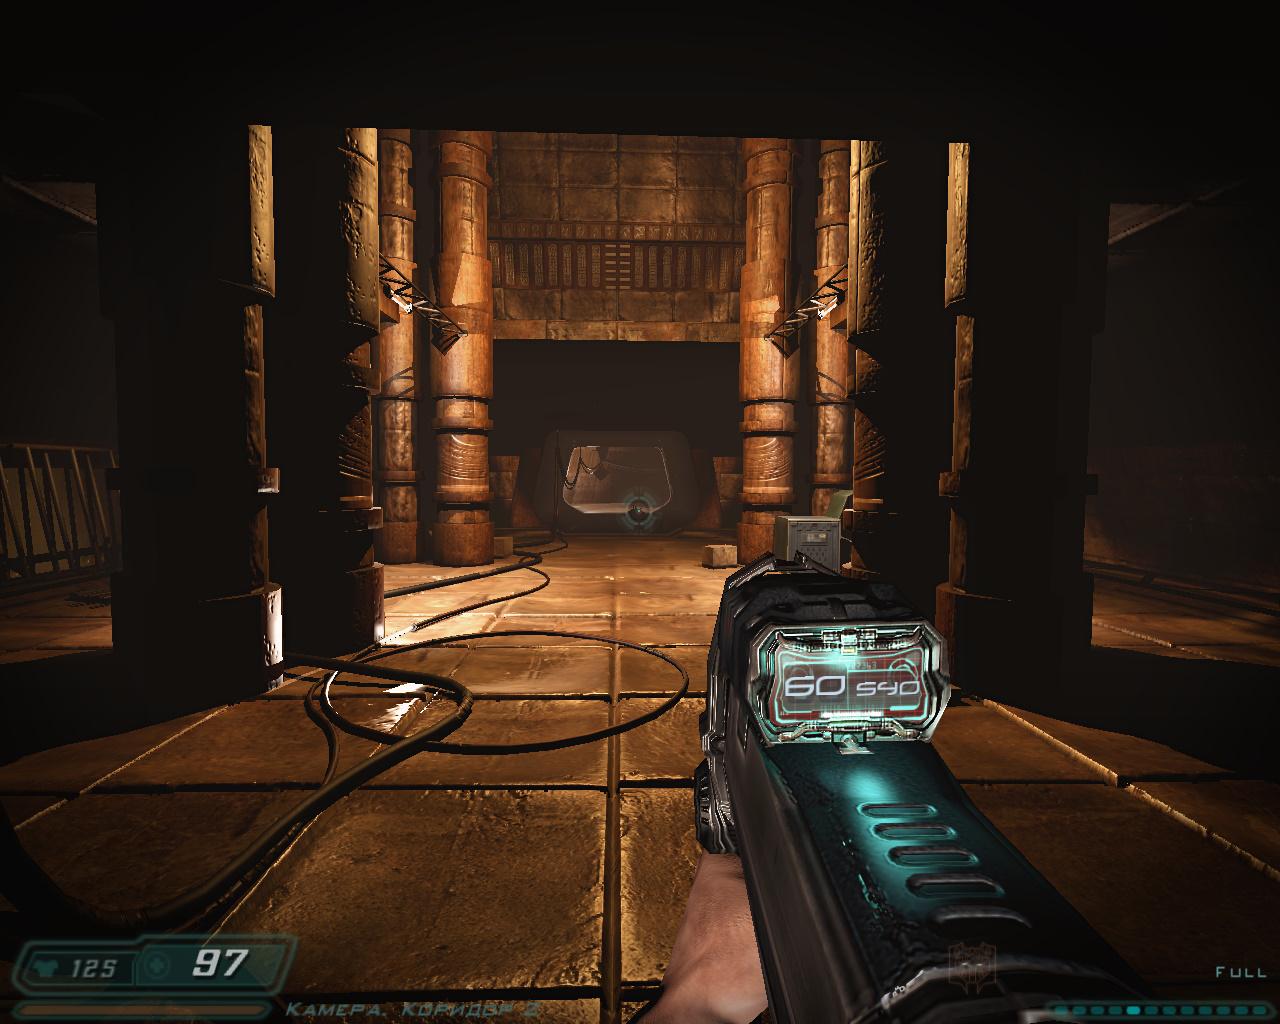 d3ahd 2016-04-14 17-55-26-120.jpg - Doom 3